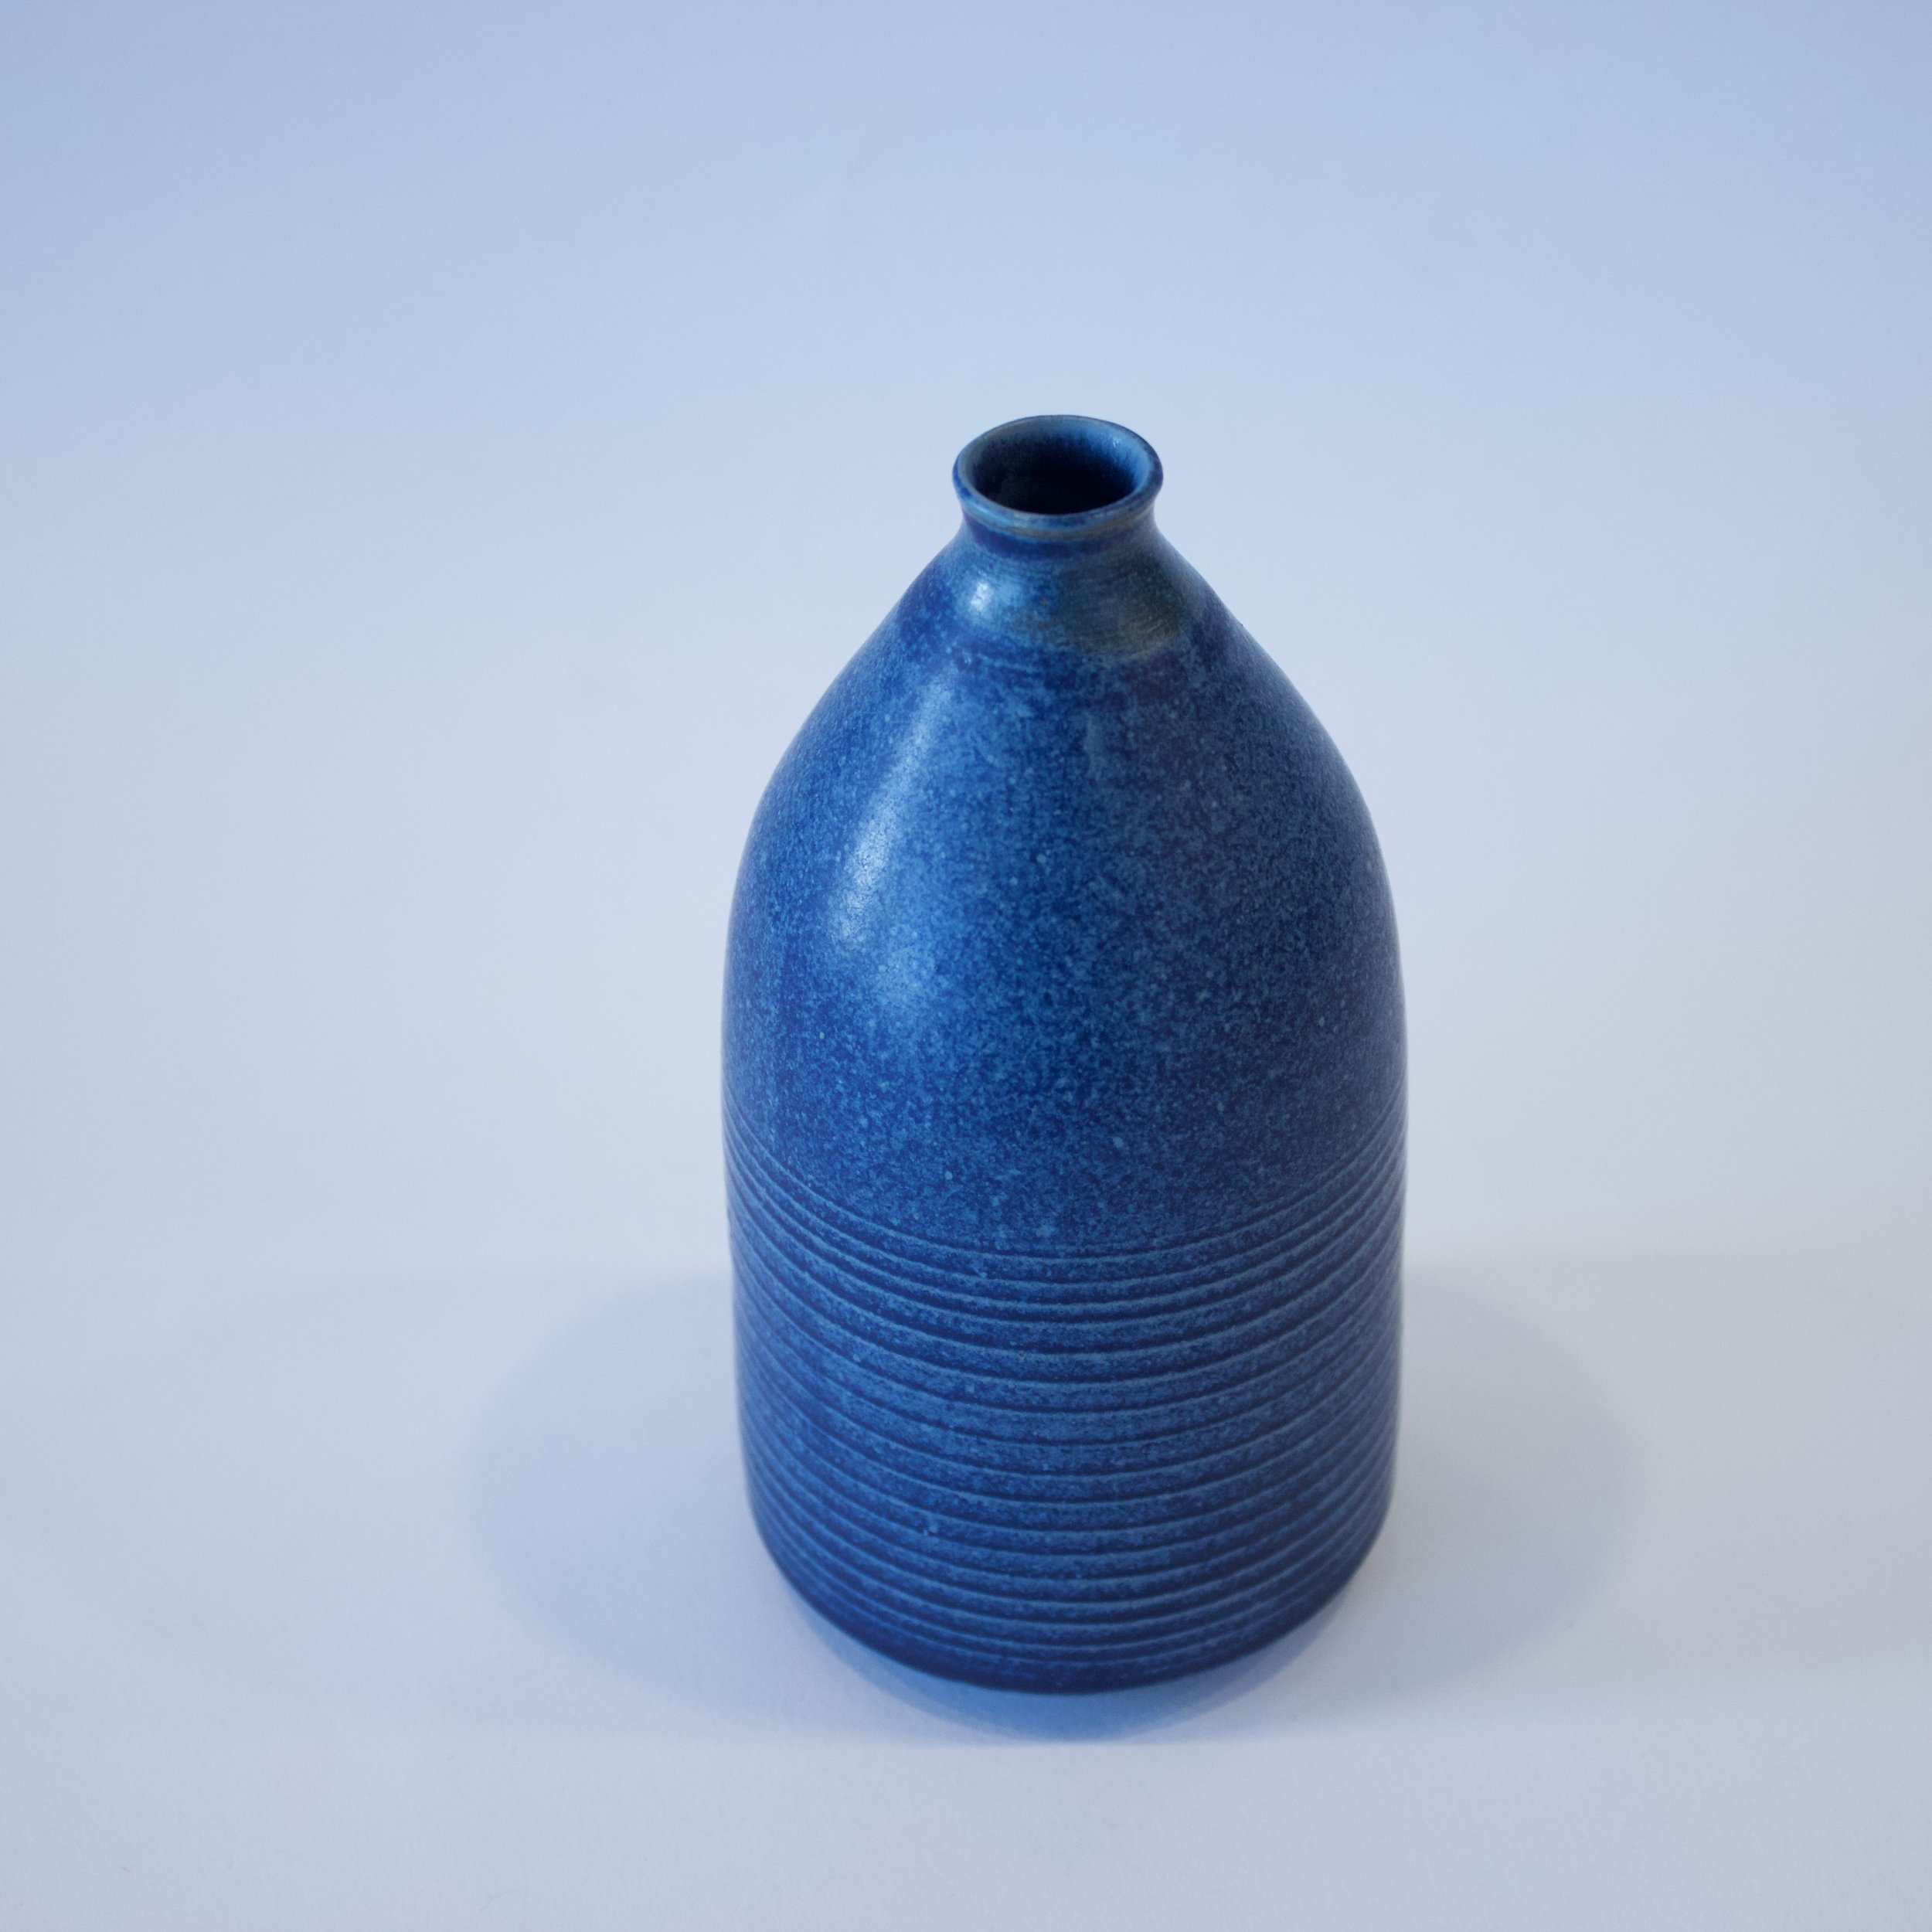 Kate Kirk - Matt Blue Vase - KK003